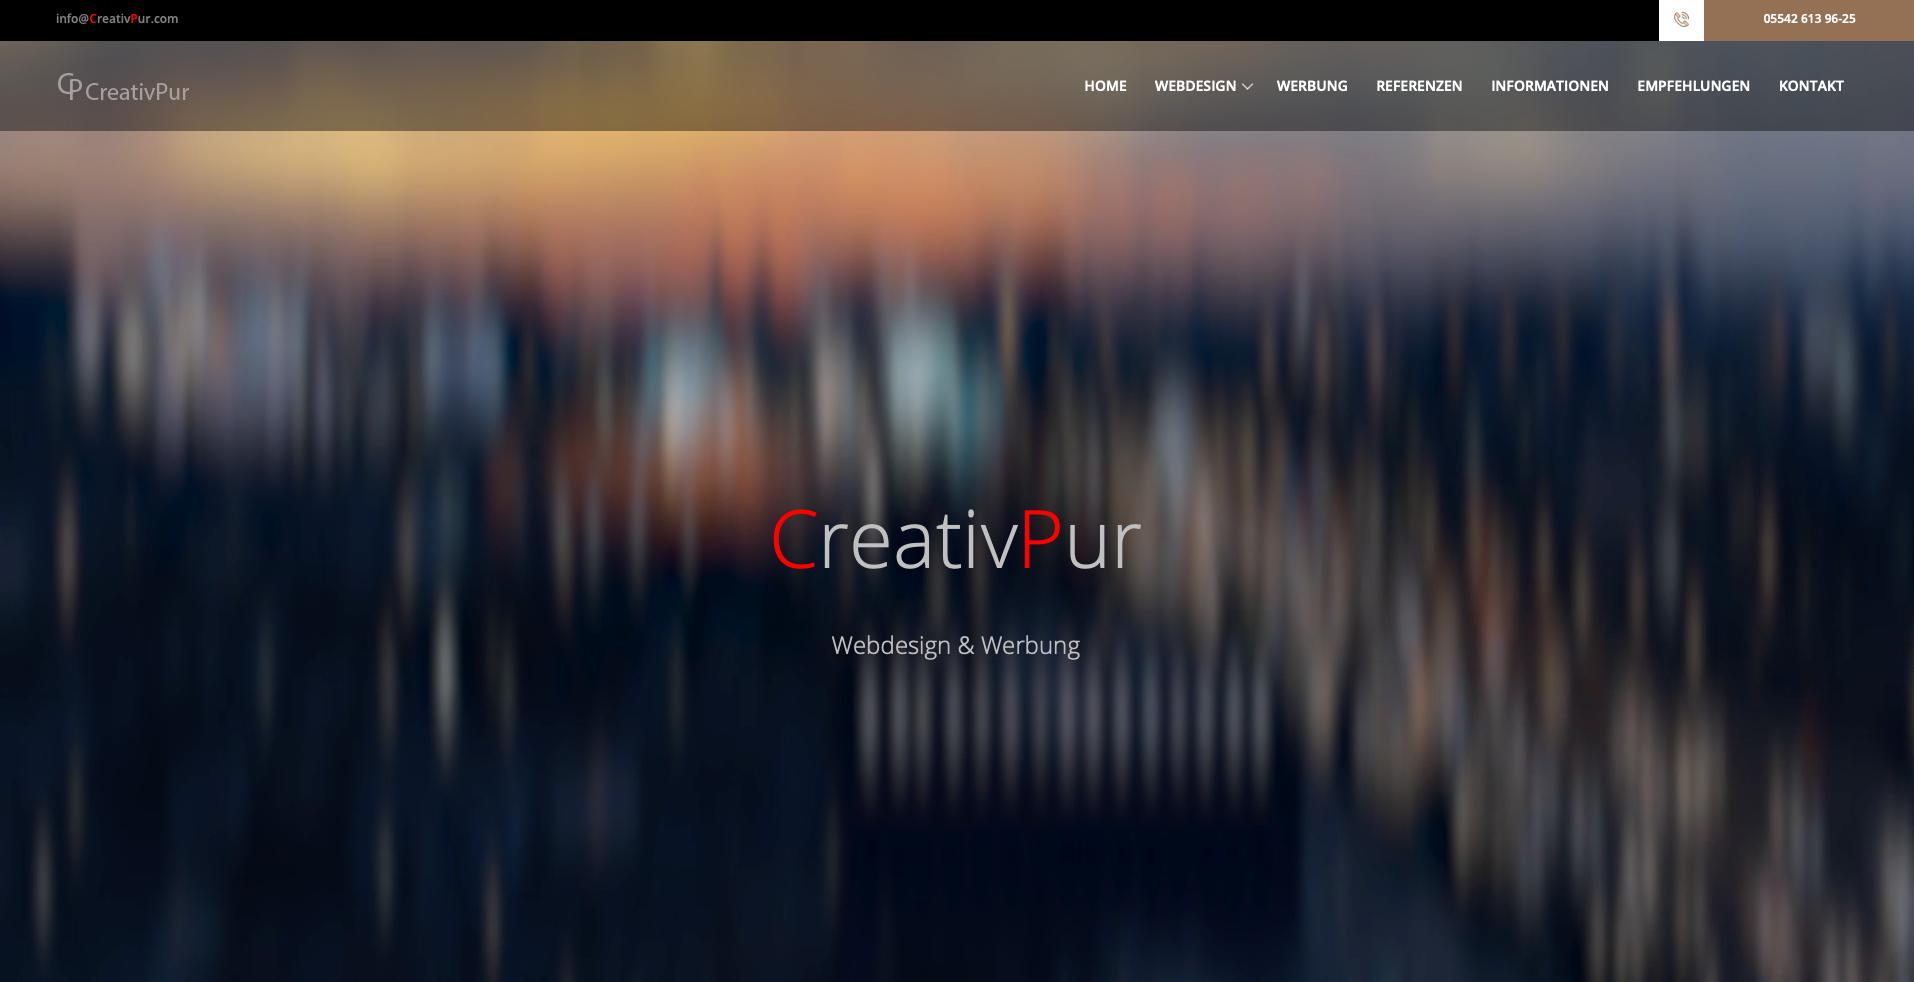 creativpur.com